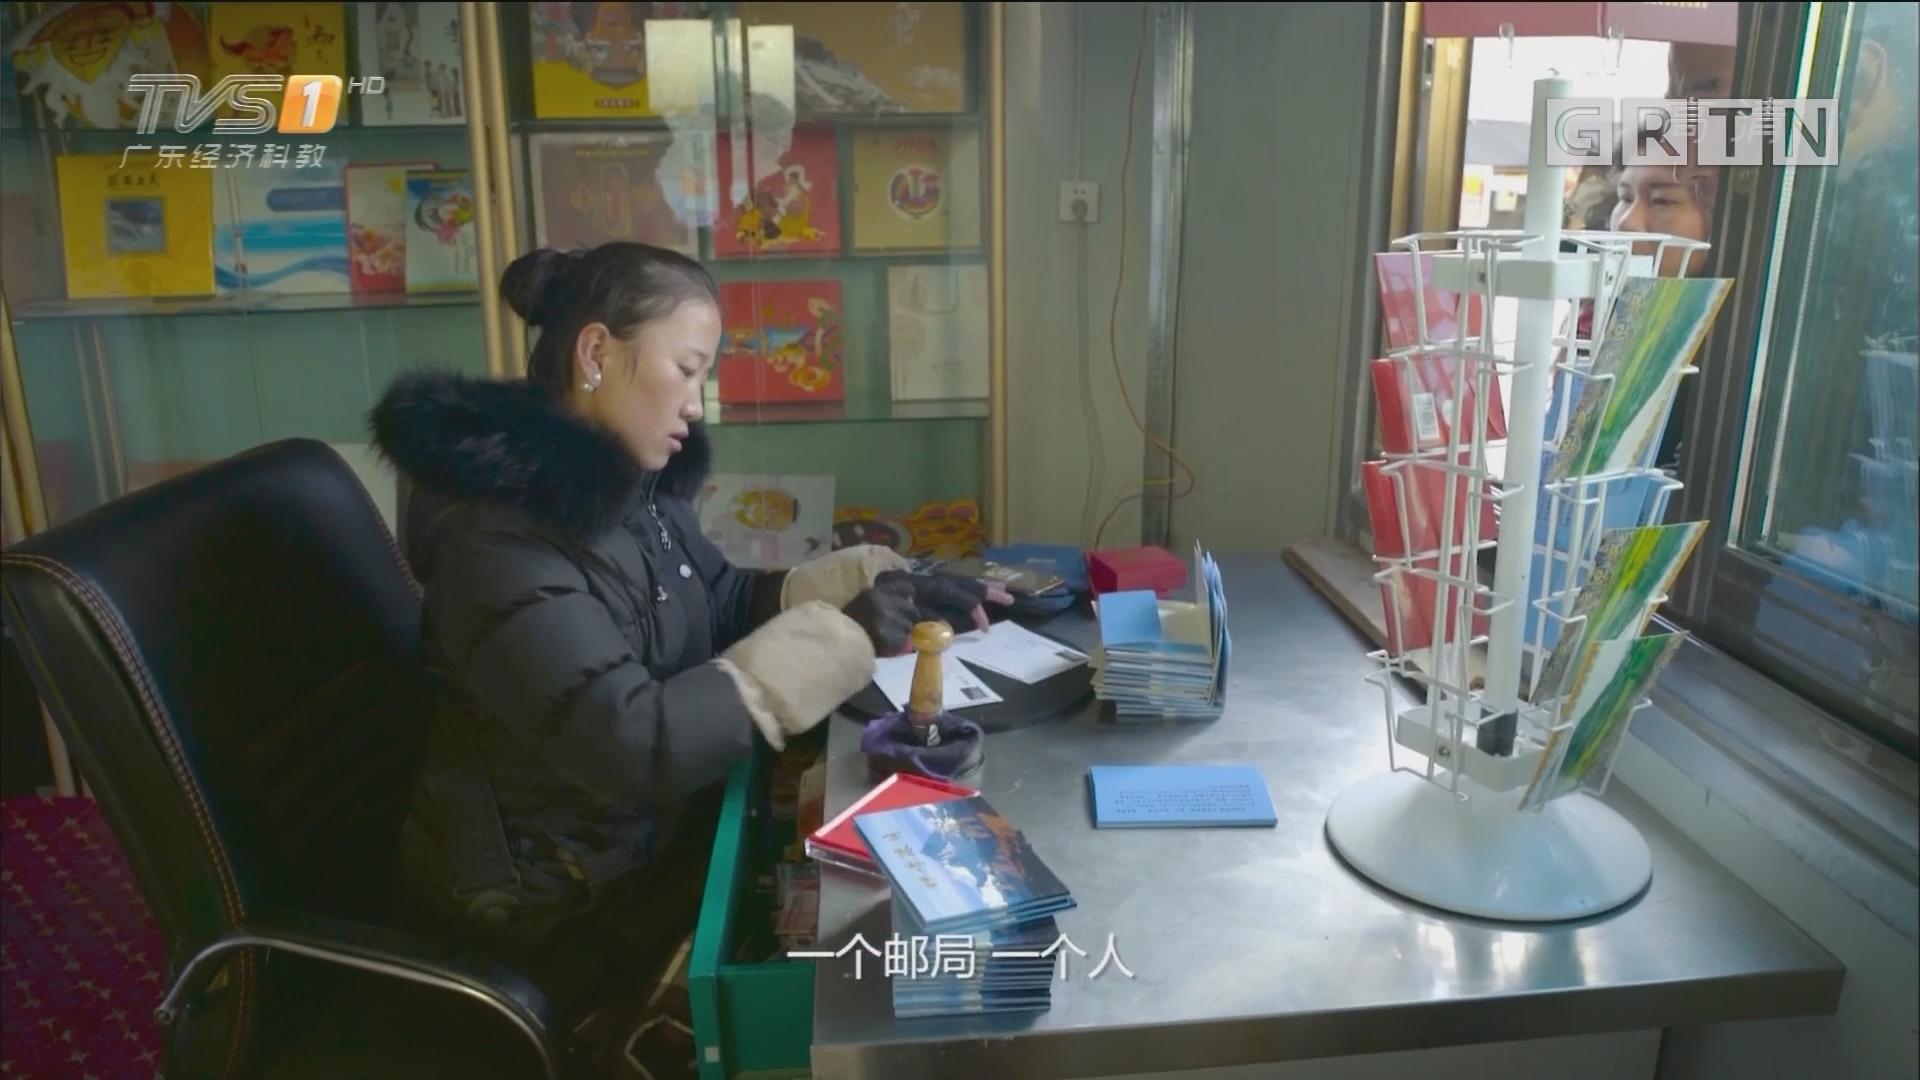 西藏——珠峰邮局